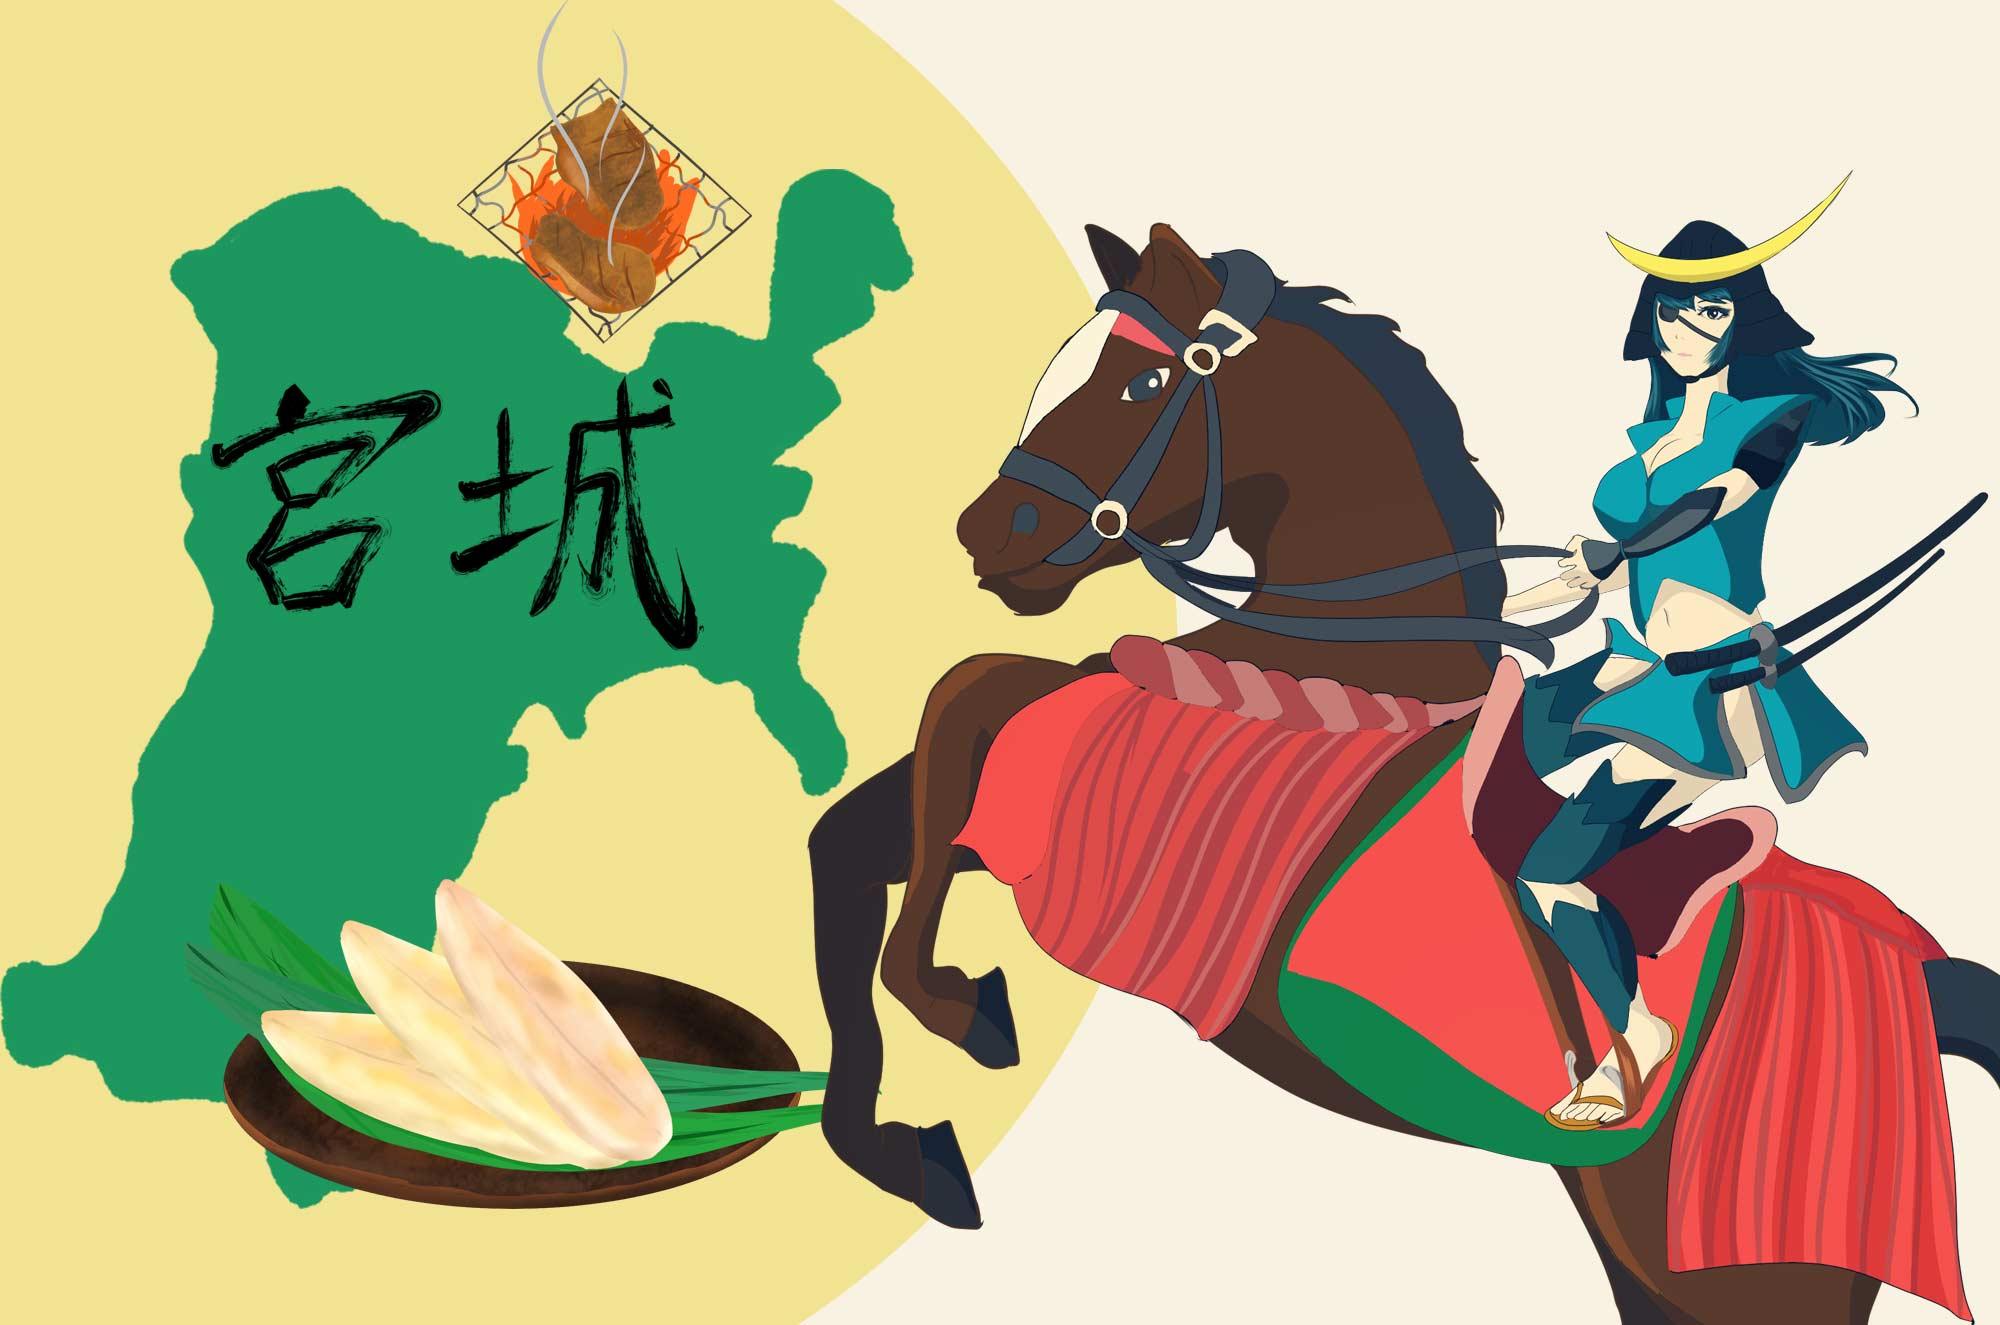 宮城のイラスト - 伊達政宗や笹かま名産地域の無料素材